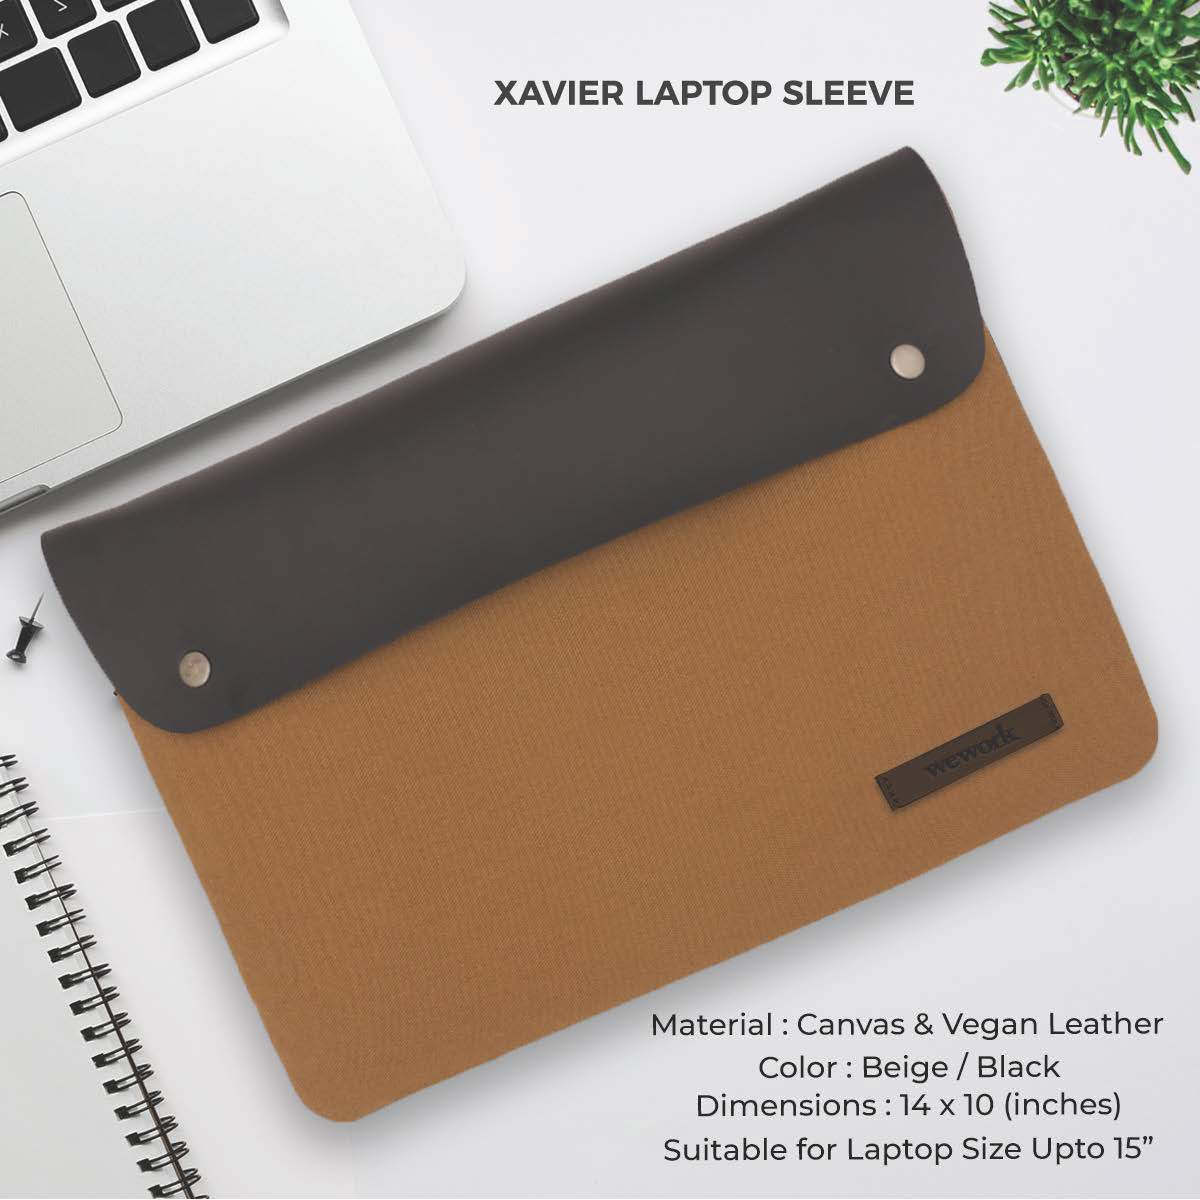 Xavier Laptop Sleeve -Beige & Black